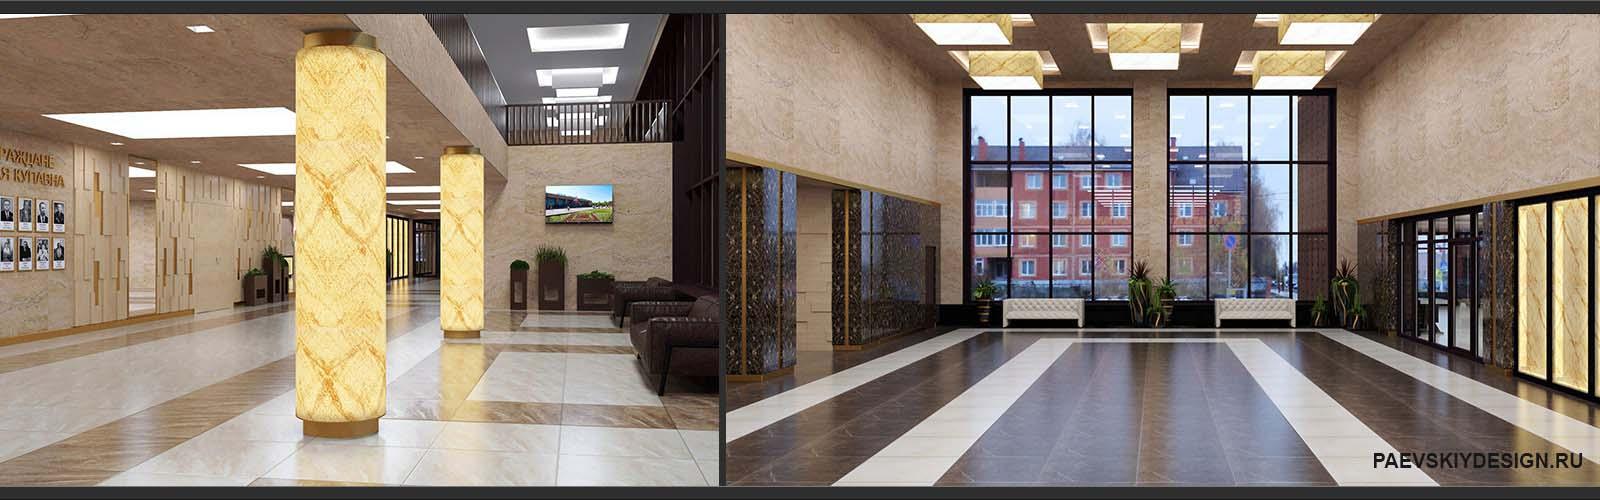 Дизайн внутренних помещений дома культуры